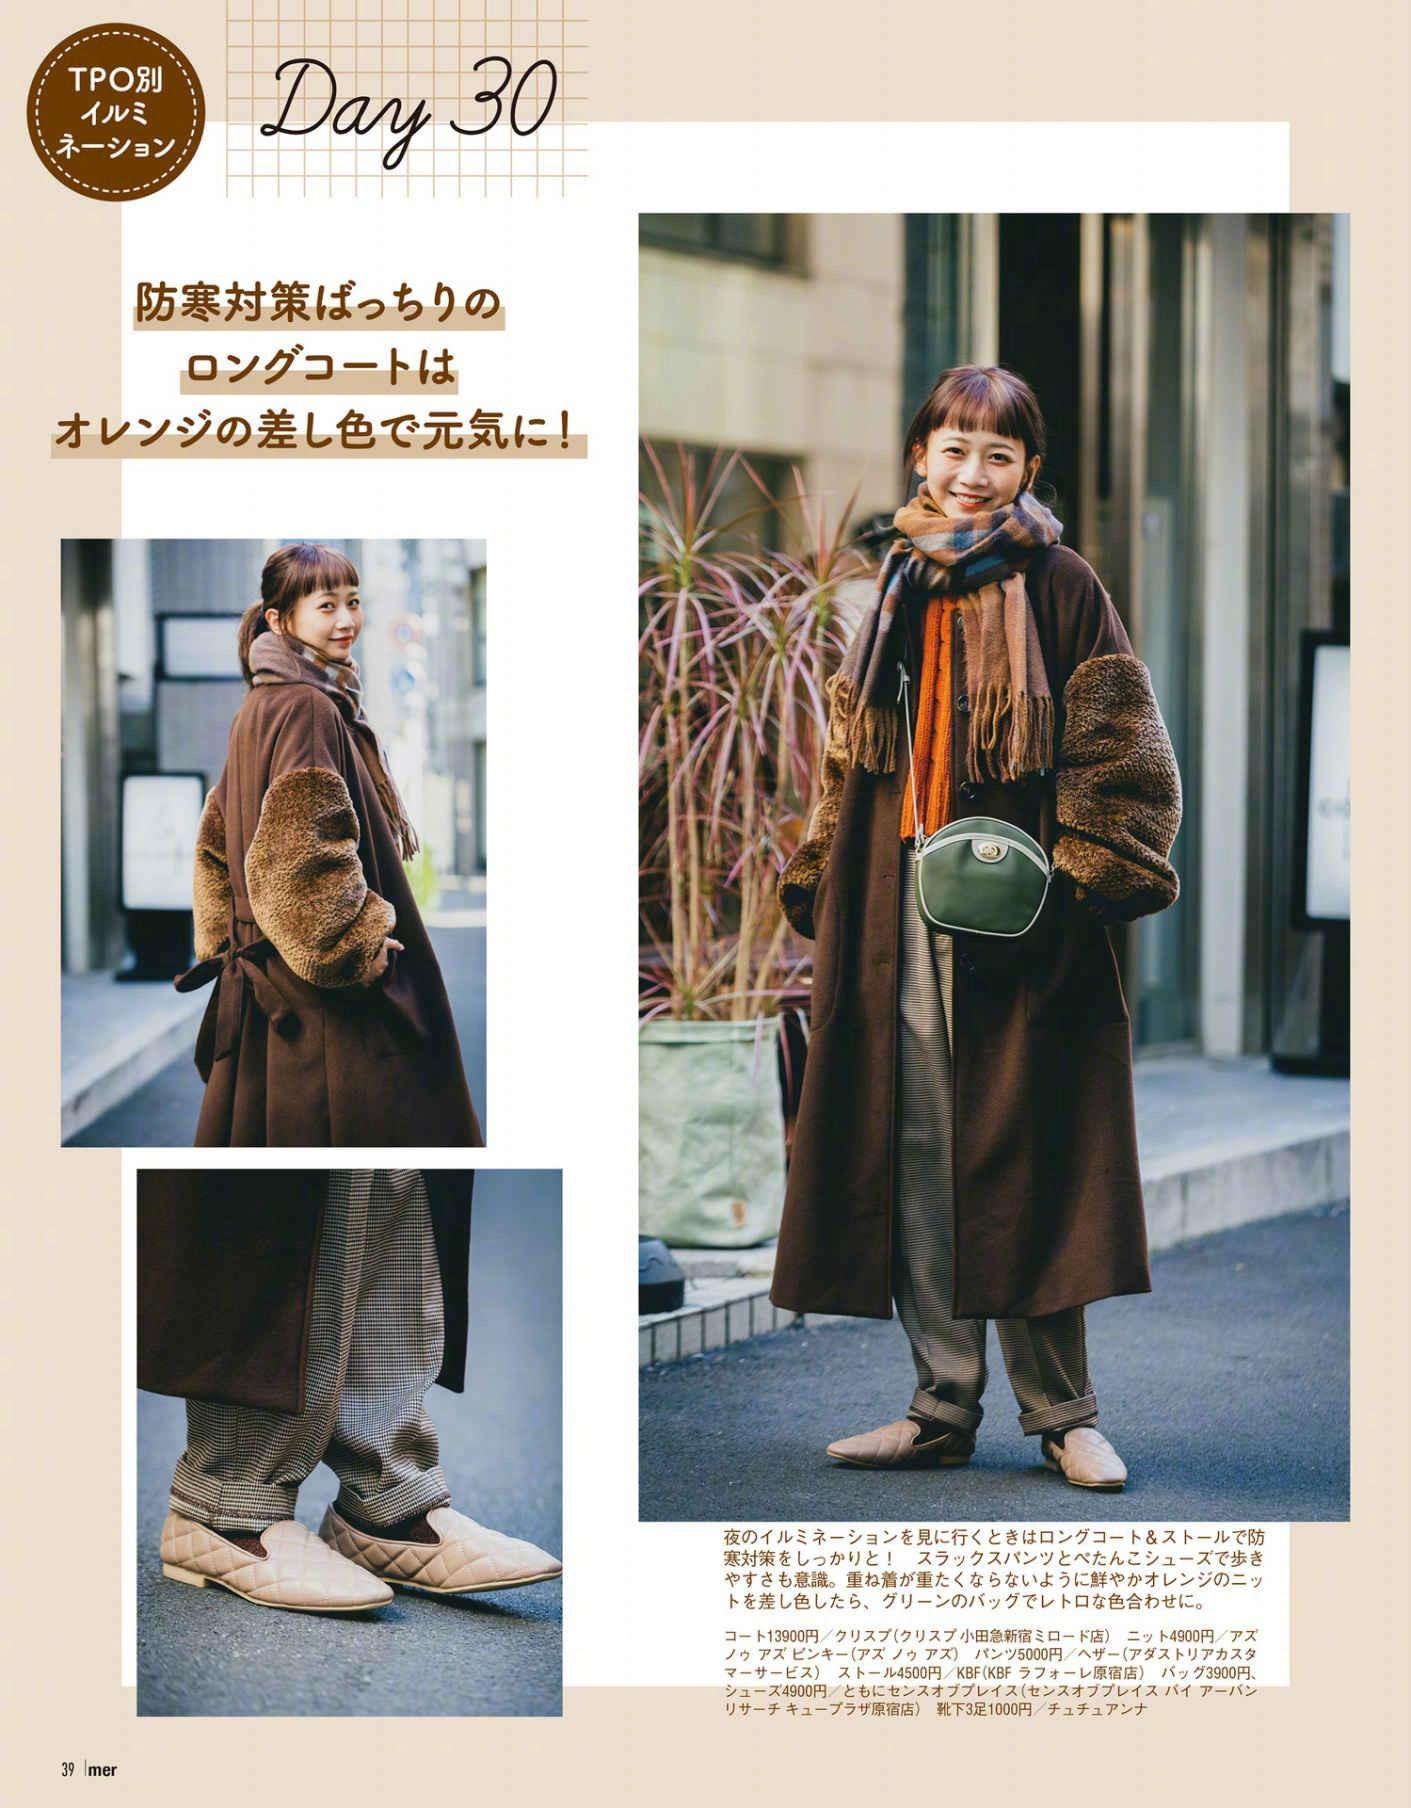 日本街头的素人街拍合集,文艺慵懒的日系穿搭真的太️了!